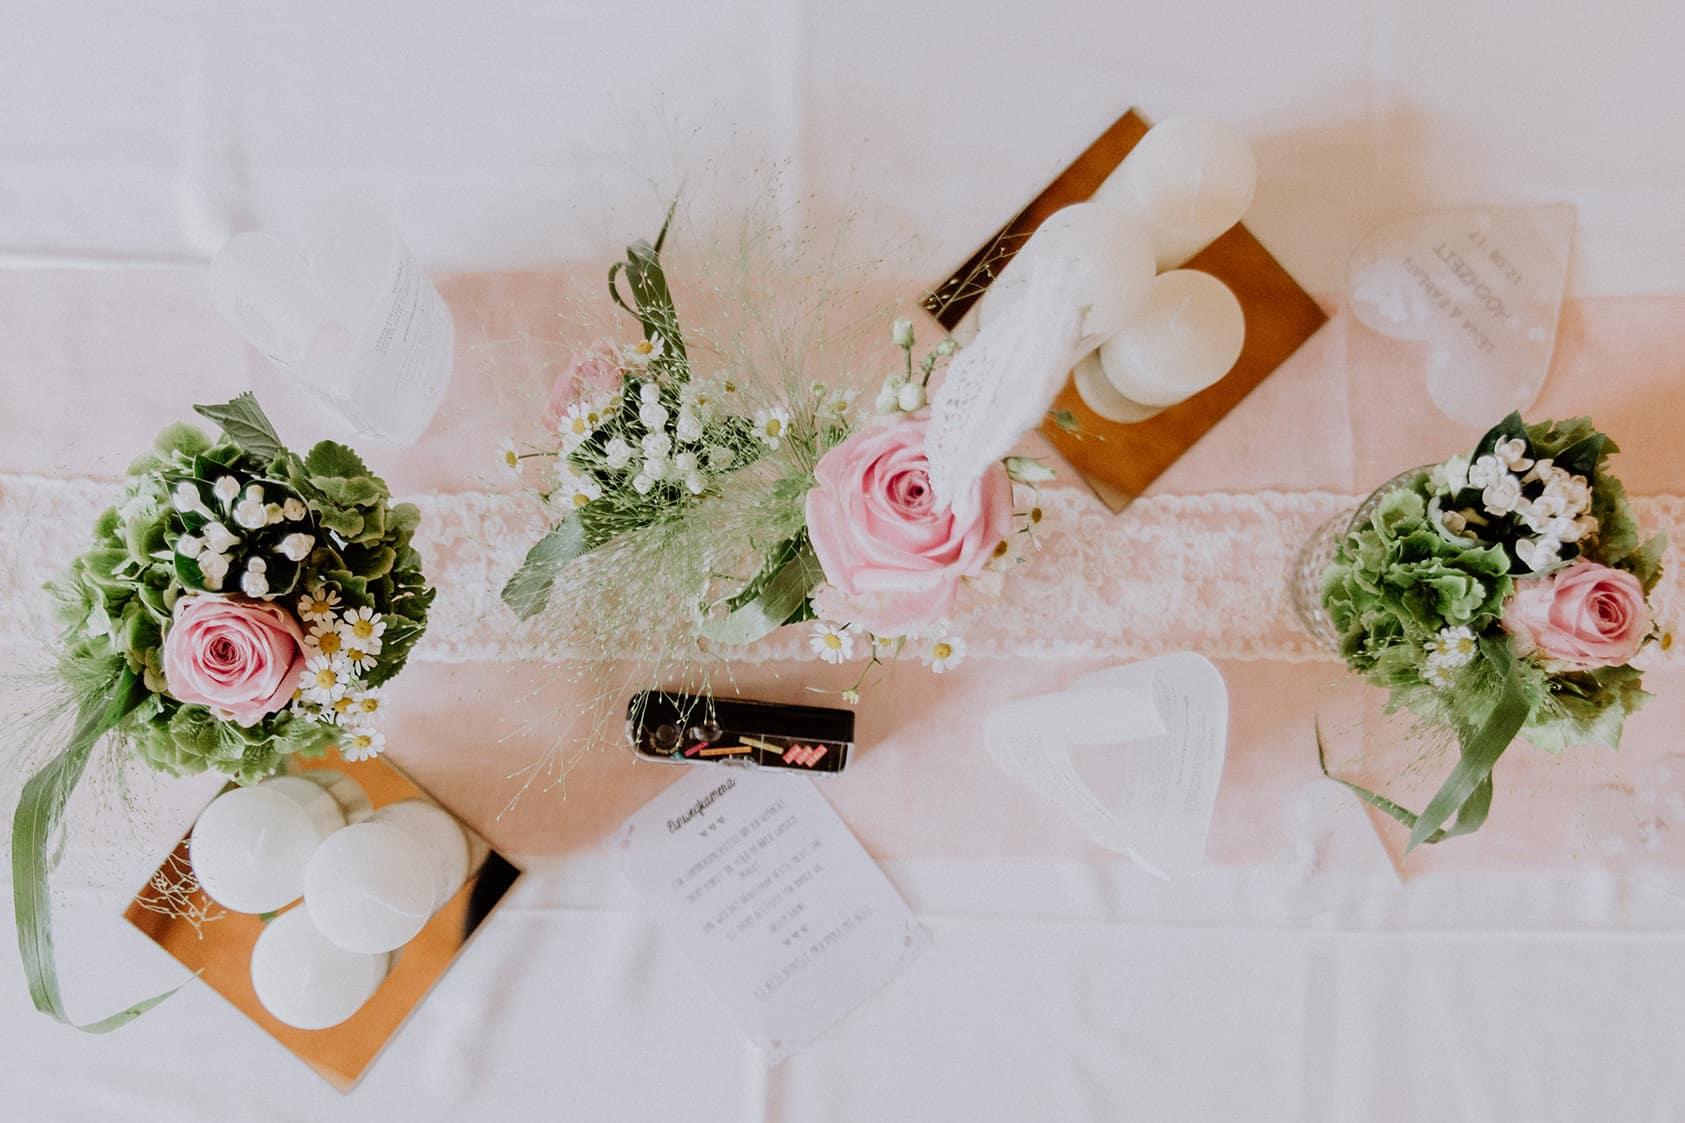 Hochzeitsfotograf Aschaffenburg Marienhof Fecher